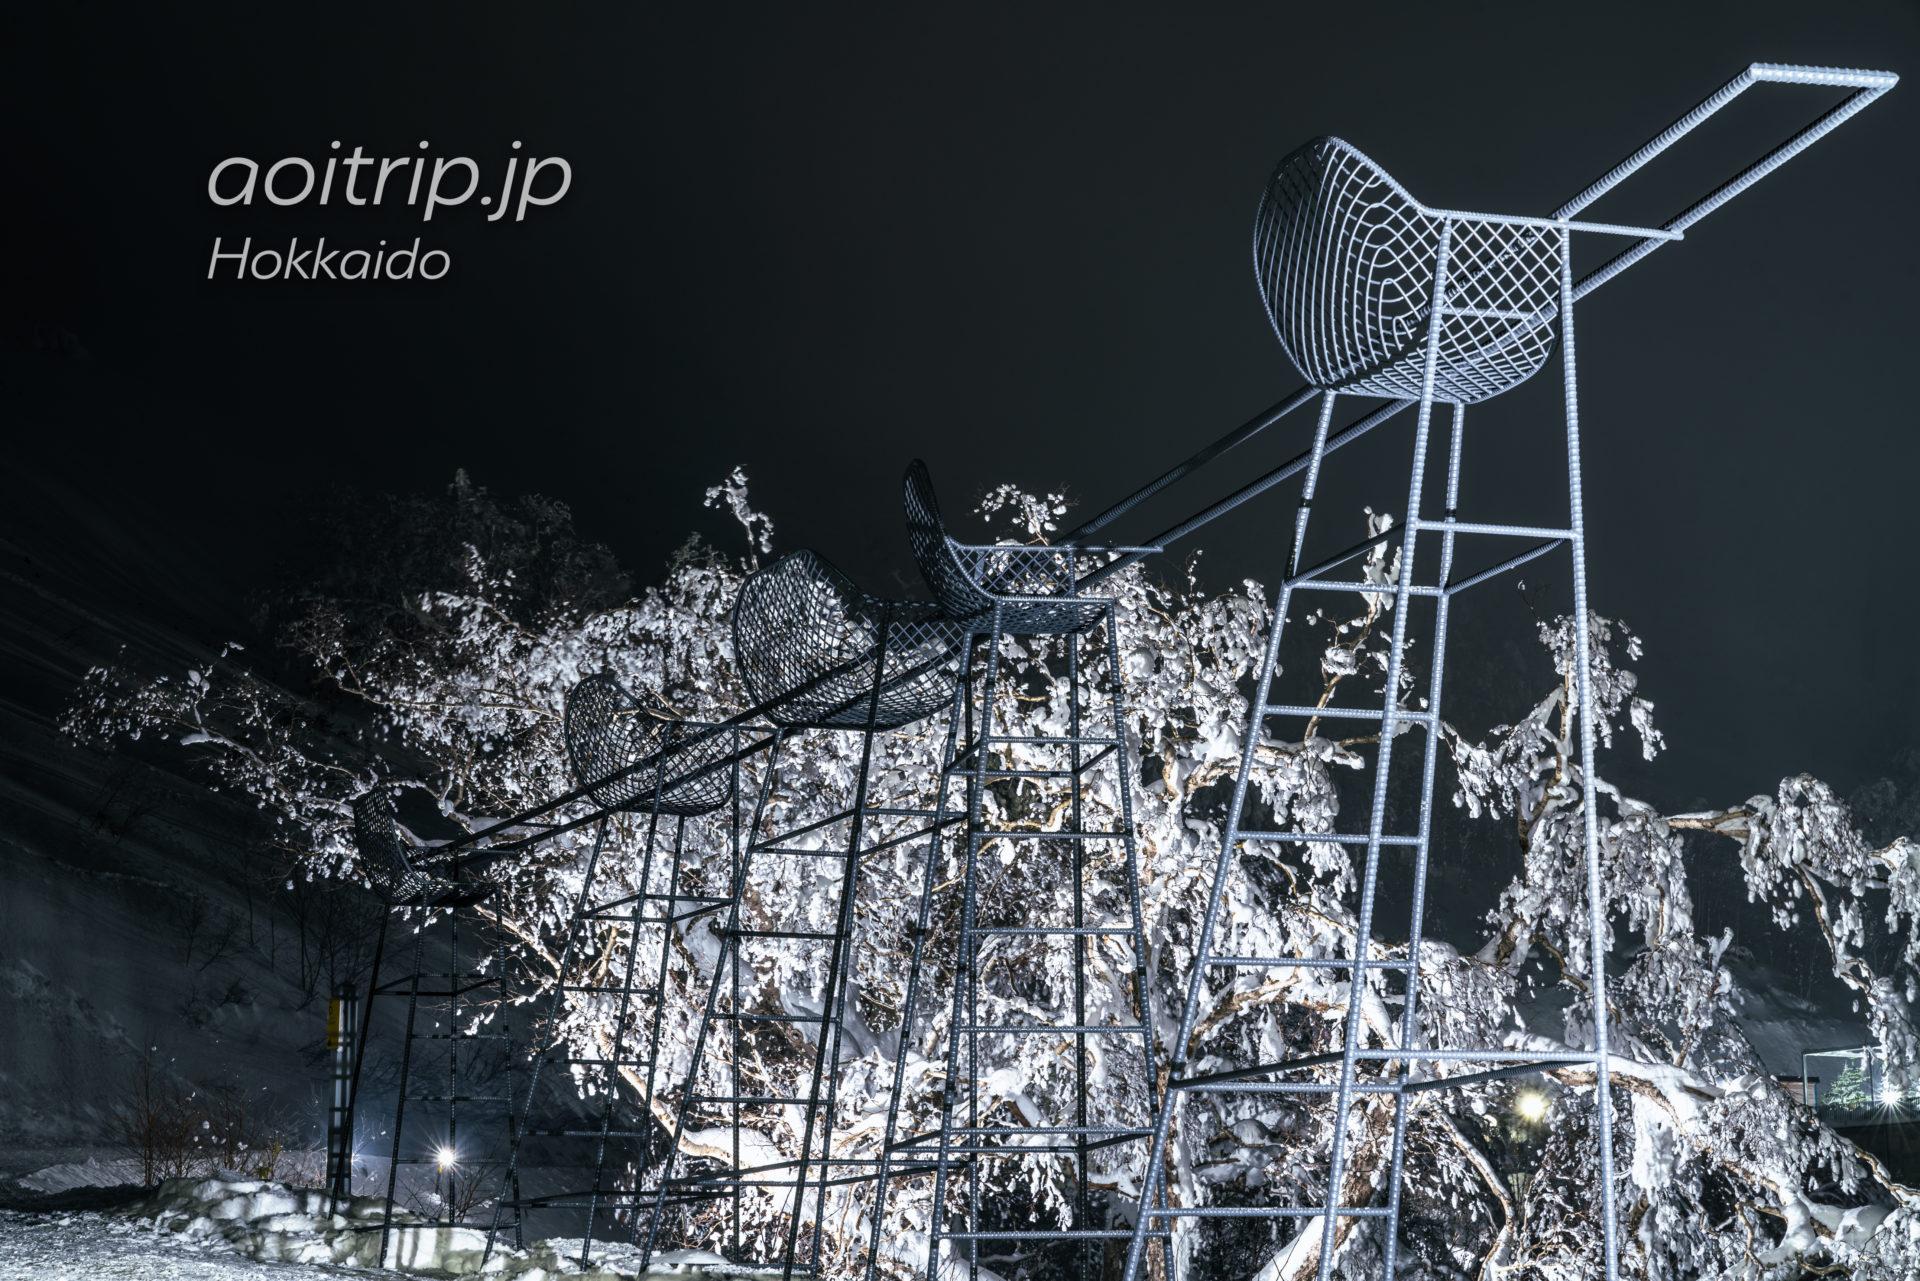 夜の霧氷テラスライトアップ クラウドバー